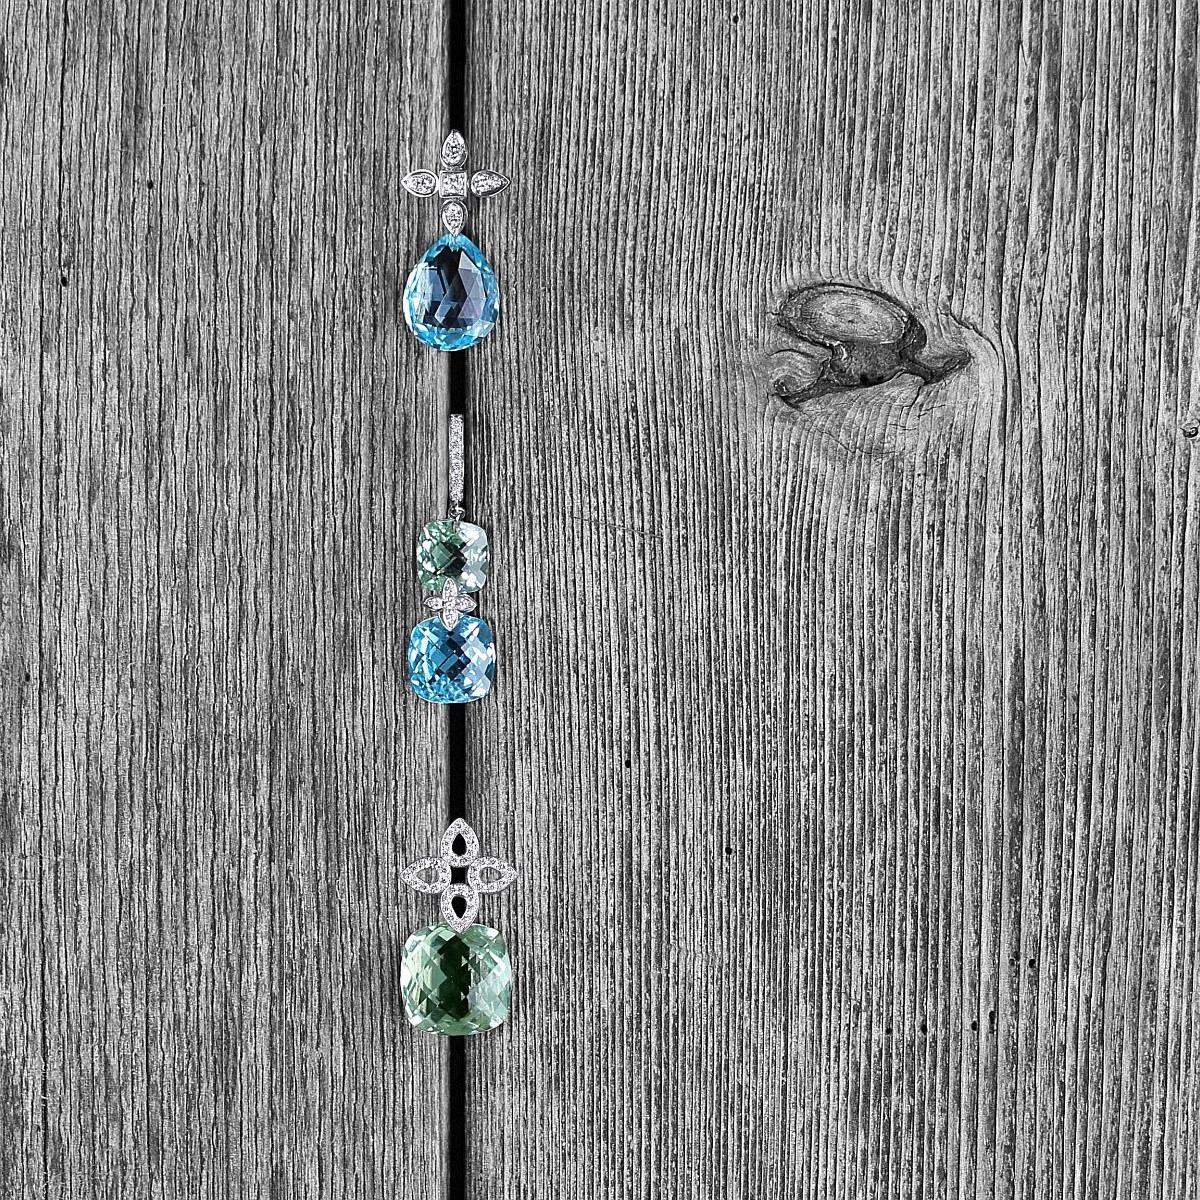 From top: Detachable pear shape briolette Blue Topaz drops & diamond Sevilla earrings in white gold. Blue Topaz drops. Sevilla diamond earrings - Cushion shaped green amethyst, blue topaz & diamond drop earrings. Detachable large Green Amethyst cushion briolette drop & flat Diamond Sevilla earrings -  Green Amethyst drops -  Flat Sevilla earrings